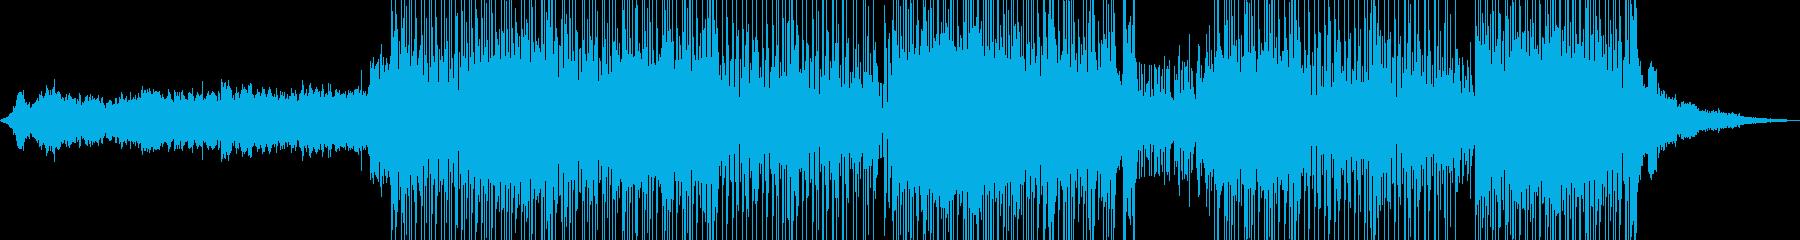 琴・尺八・レトロな演歌調ポップ 長尺+の再生済みの波形